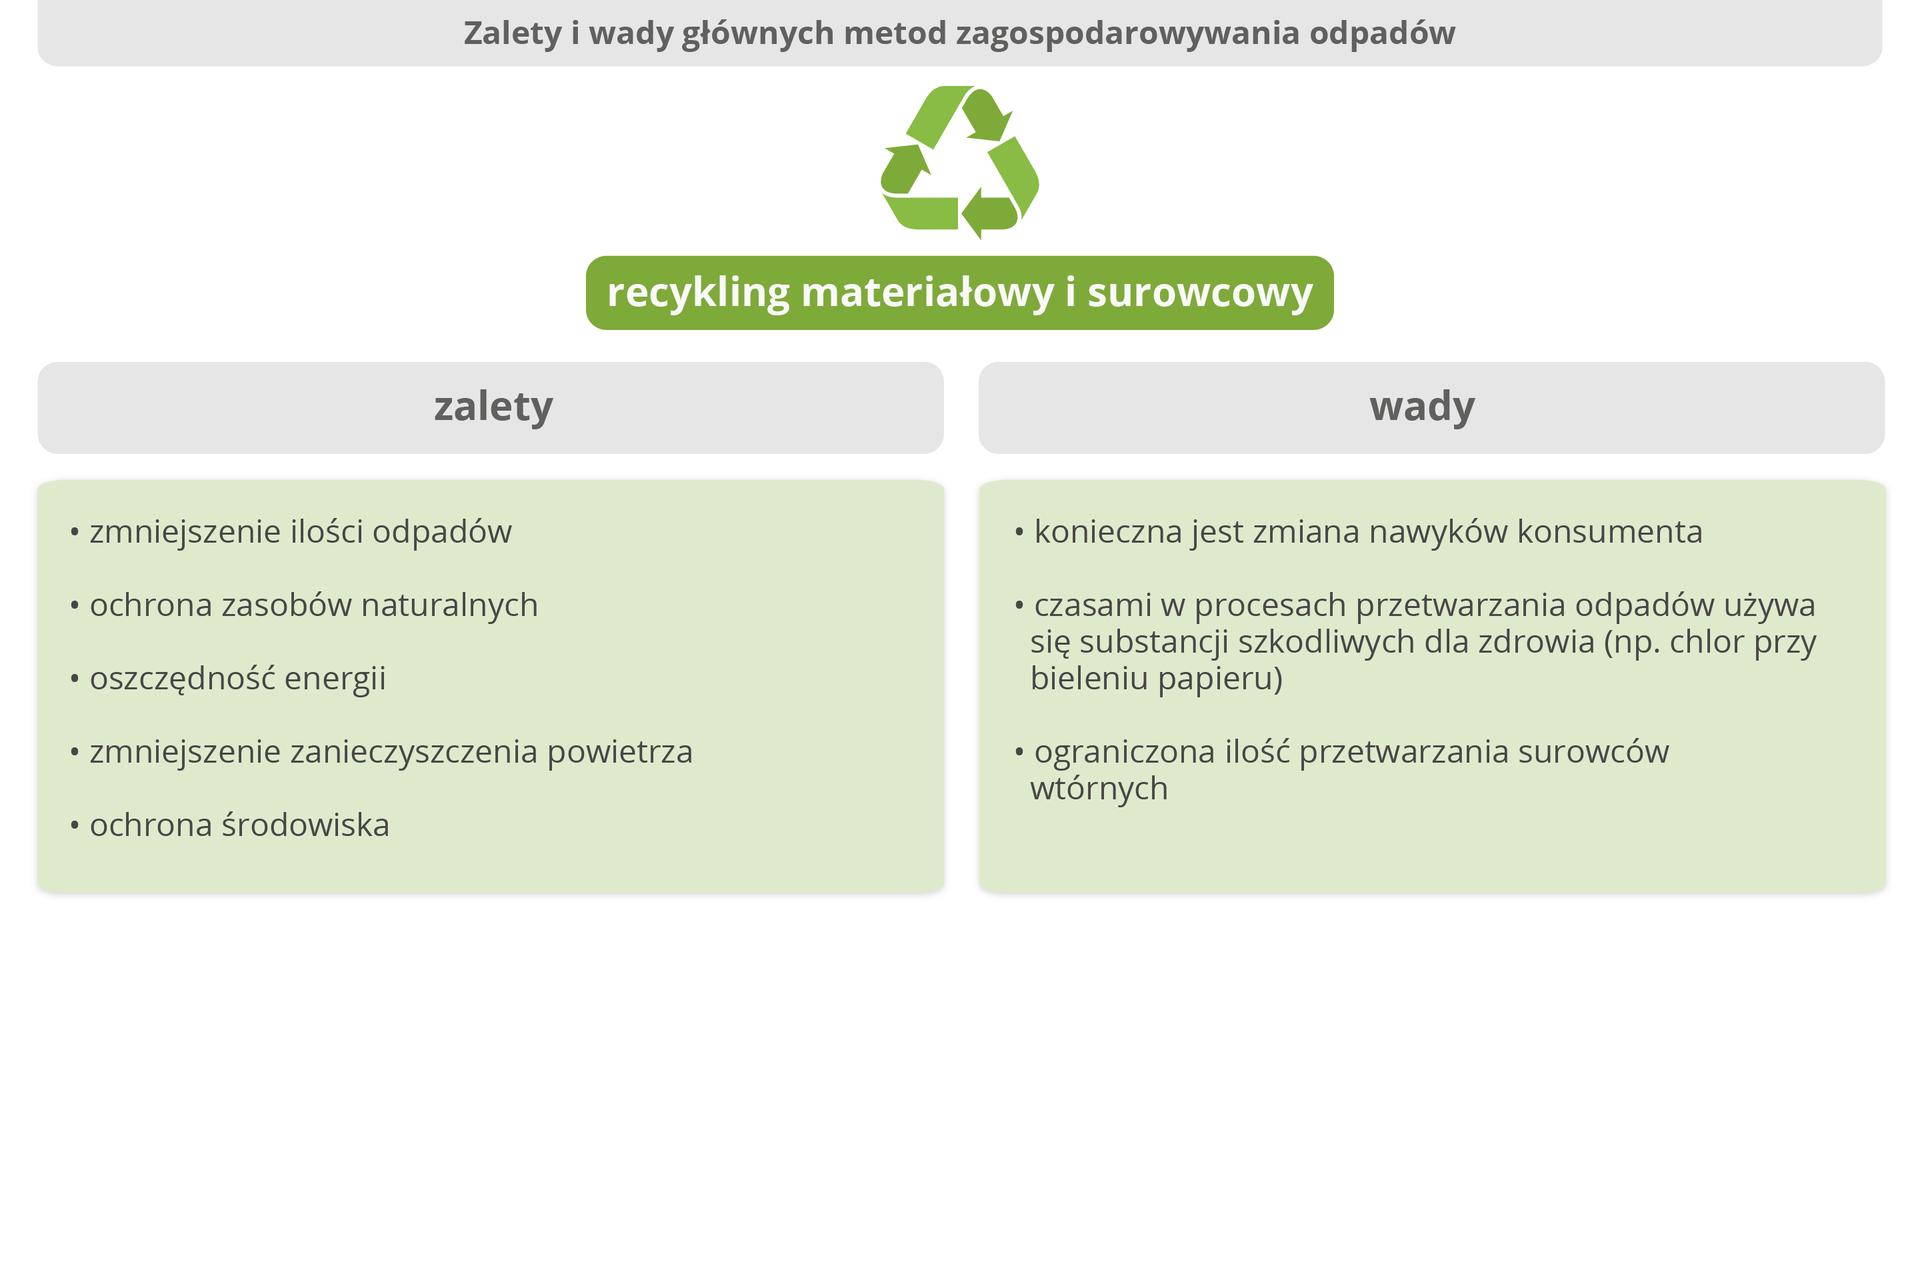 Galeria przedstawiająca zalety oraz wady głównych metod zagospodarowania odpadów: składowania, spalania, recyklingu materiałowego oraz surowcowego, recyklingu organicznego.